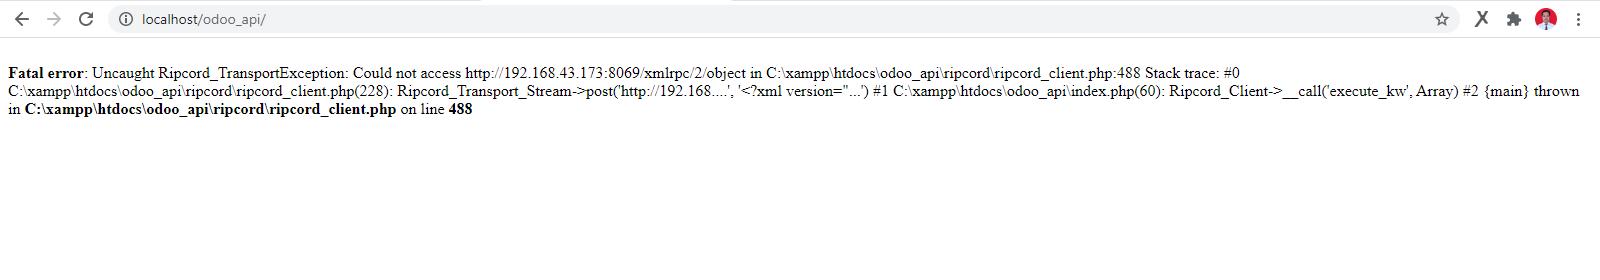 Ripcord tidak bisa tersambung dengan server odoo